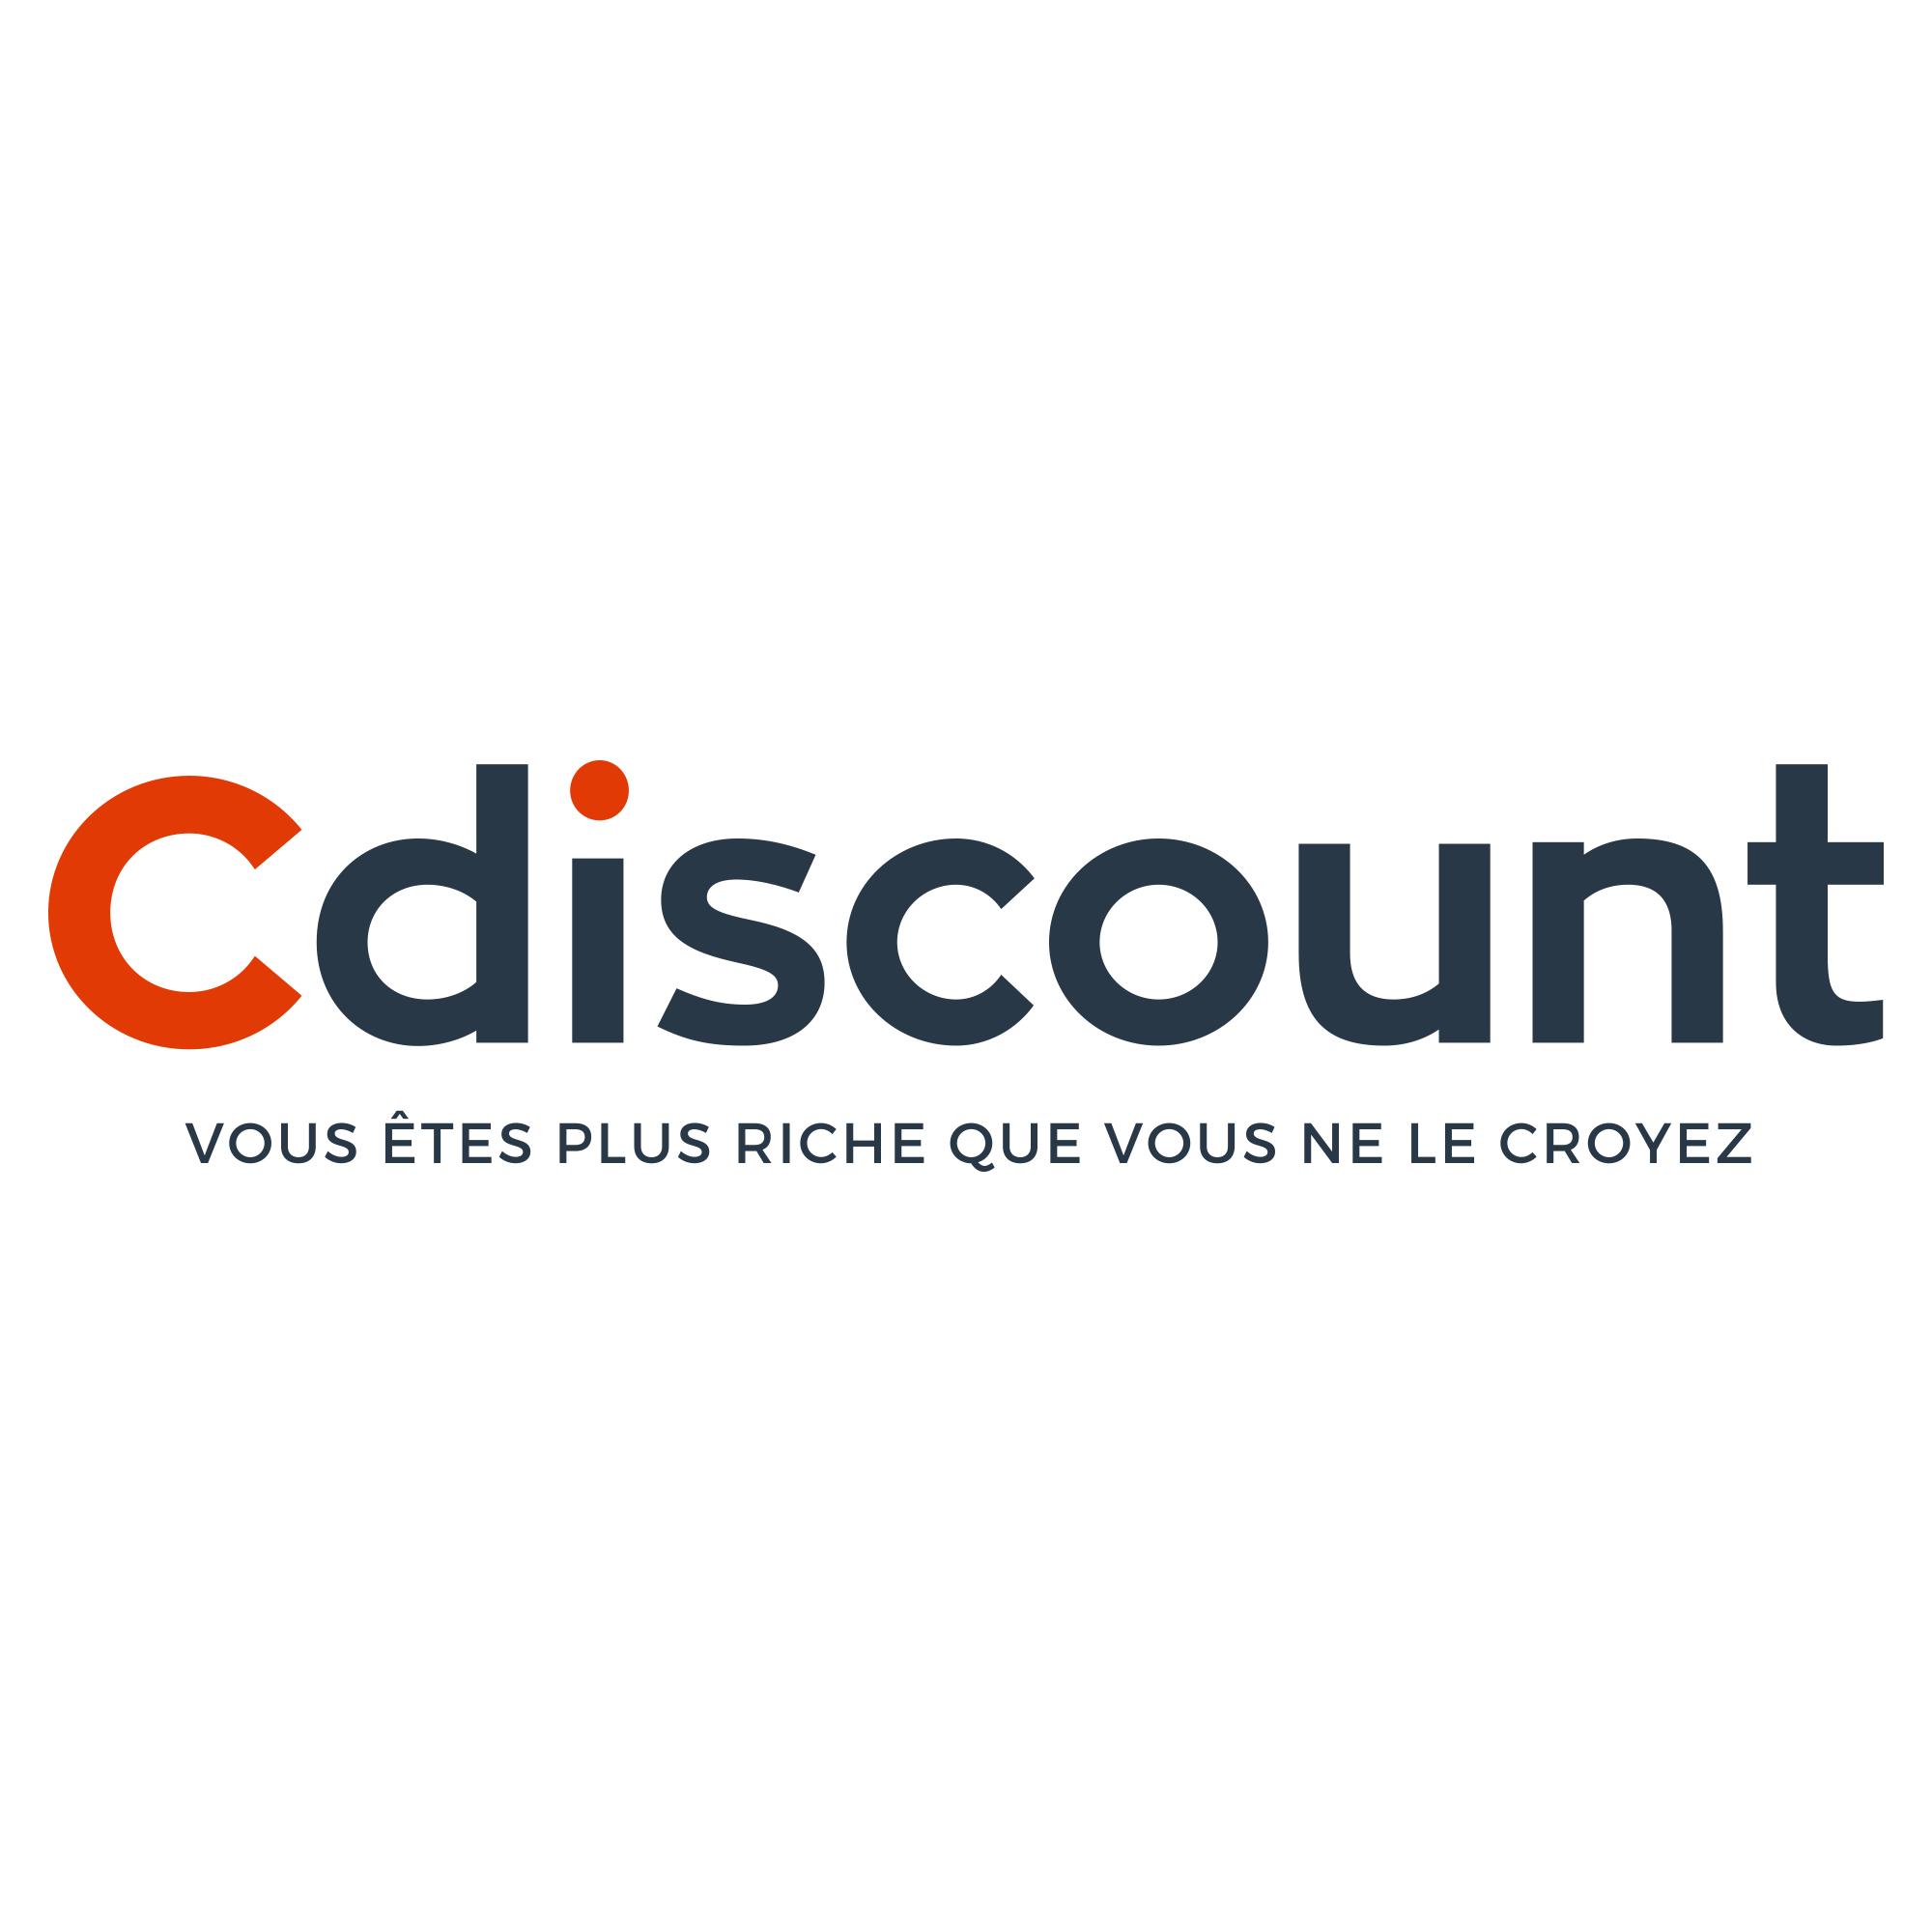 25€ de réduction dès 99€ d'achat sur tout le site (hors exceptions)